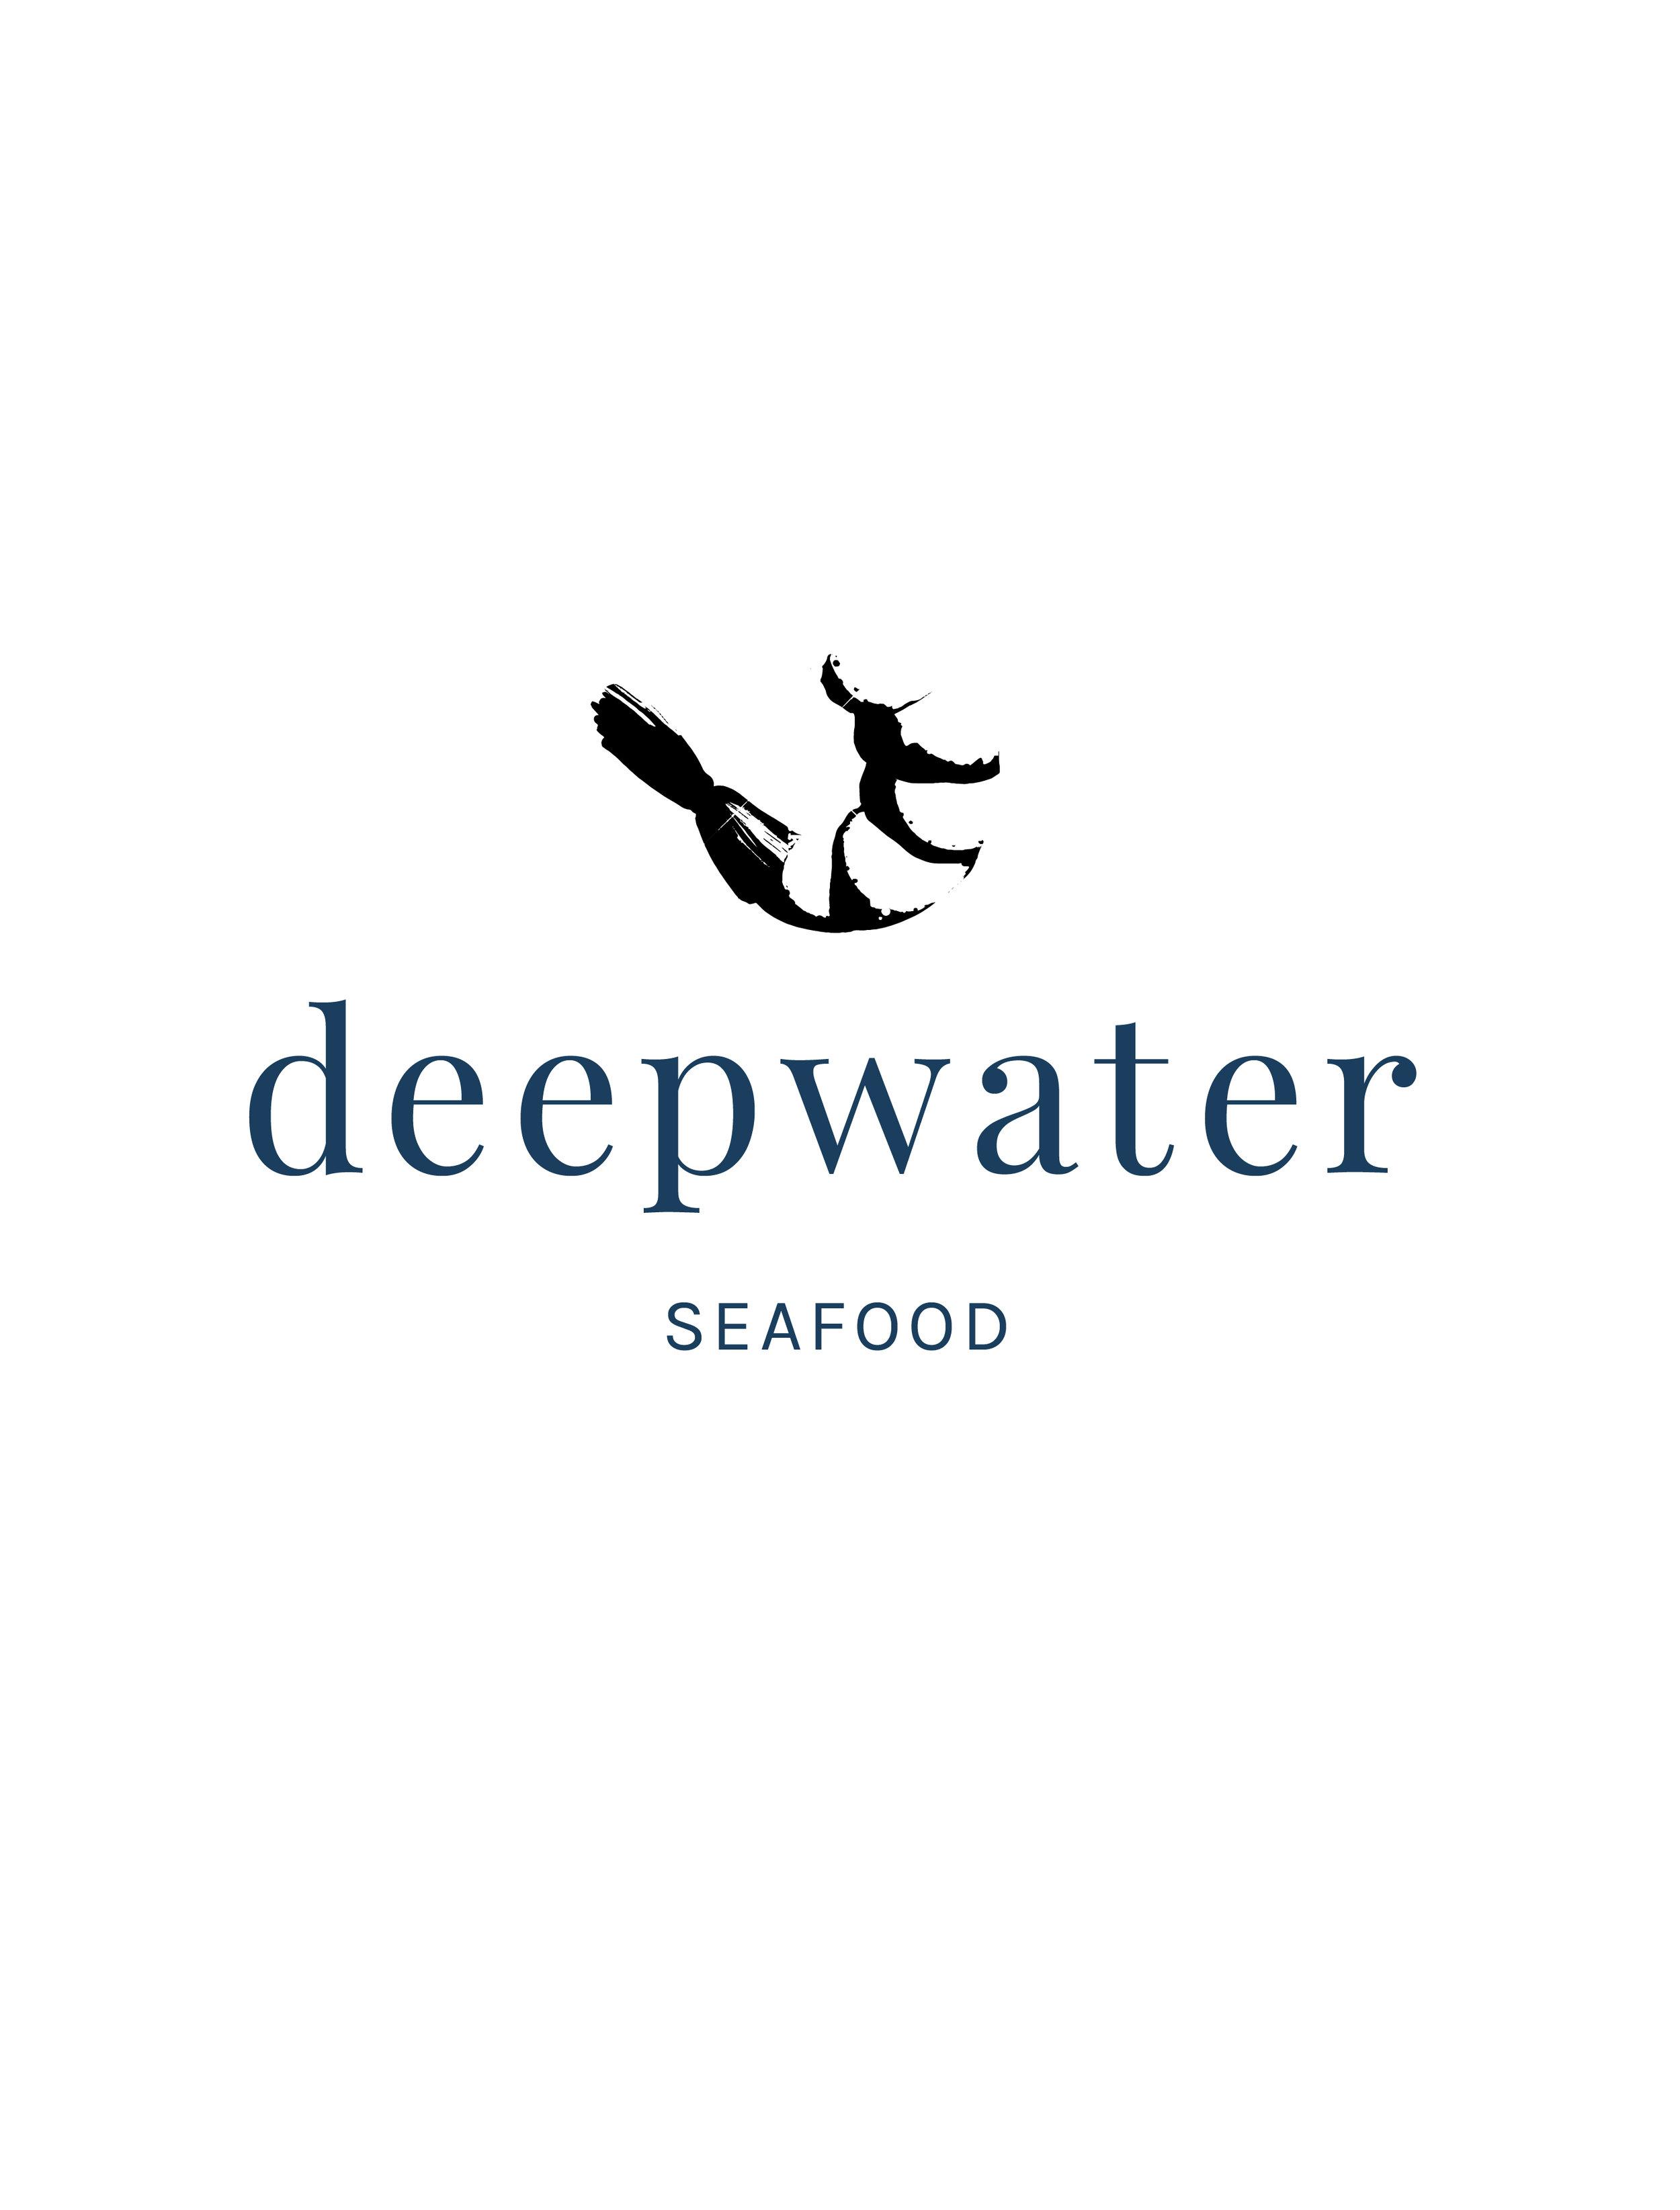 deepwater_menu-01.jpg